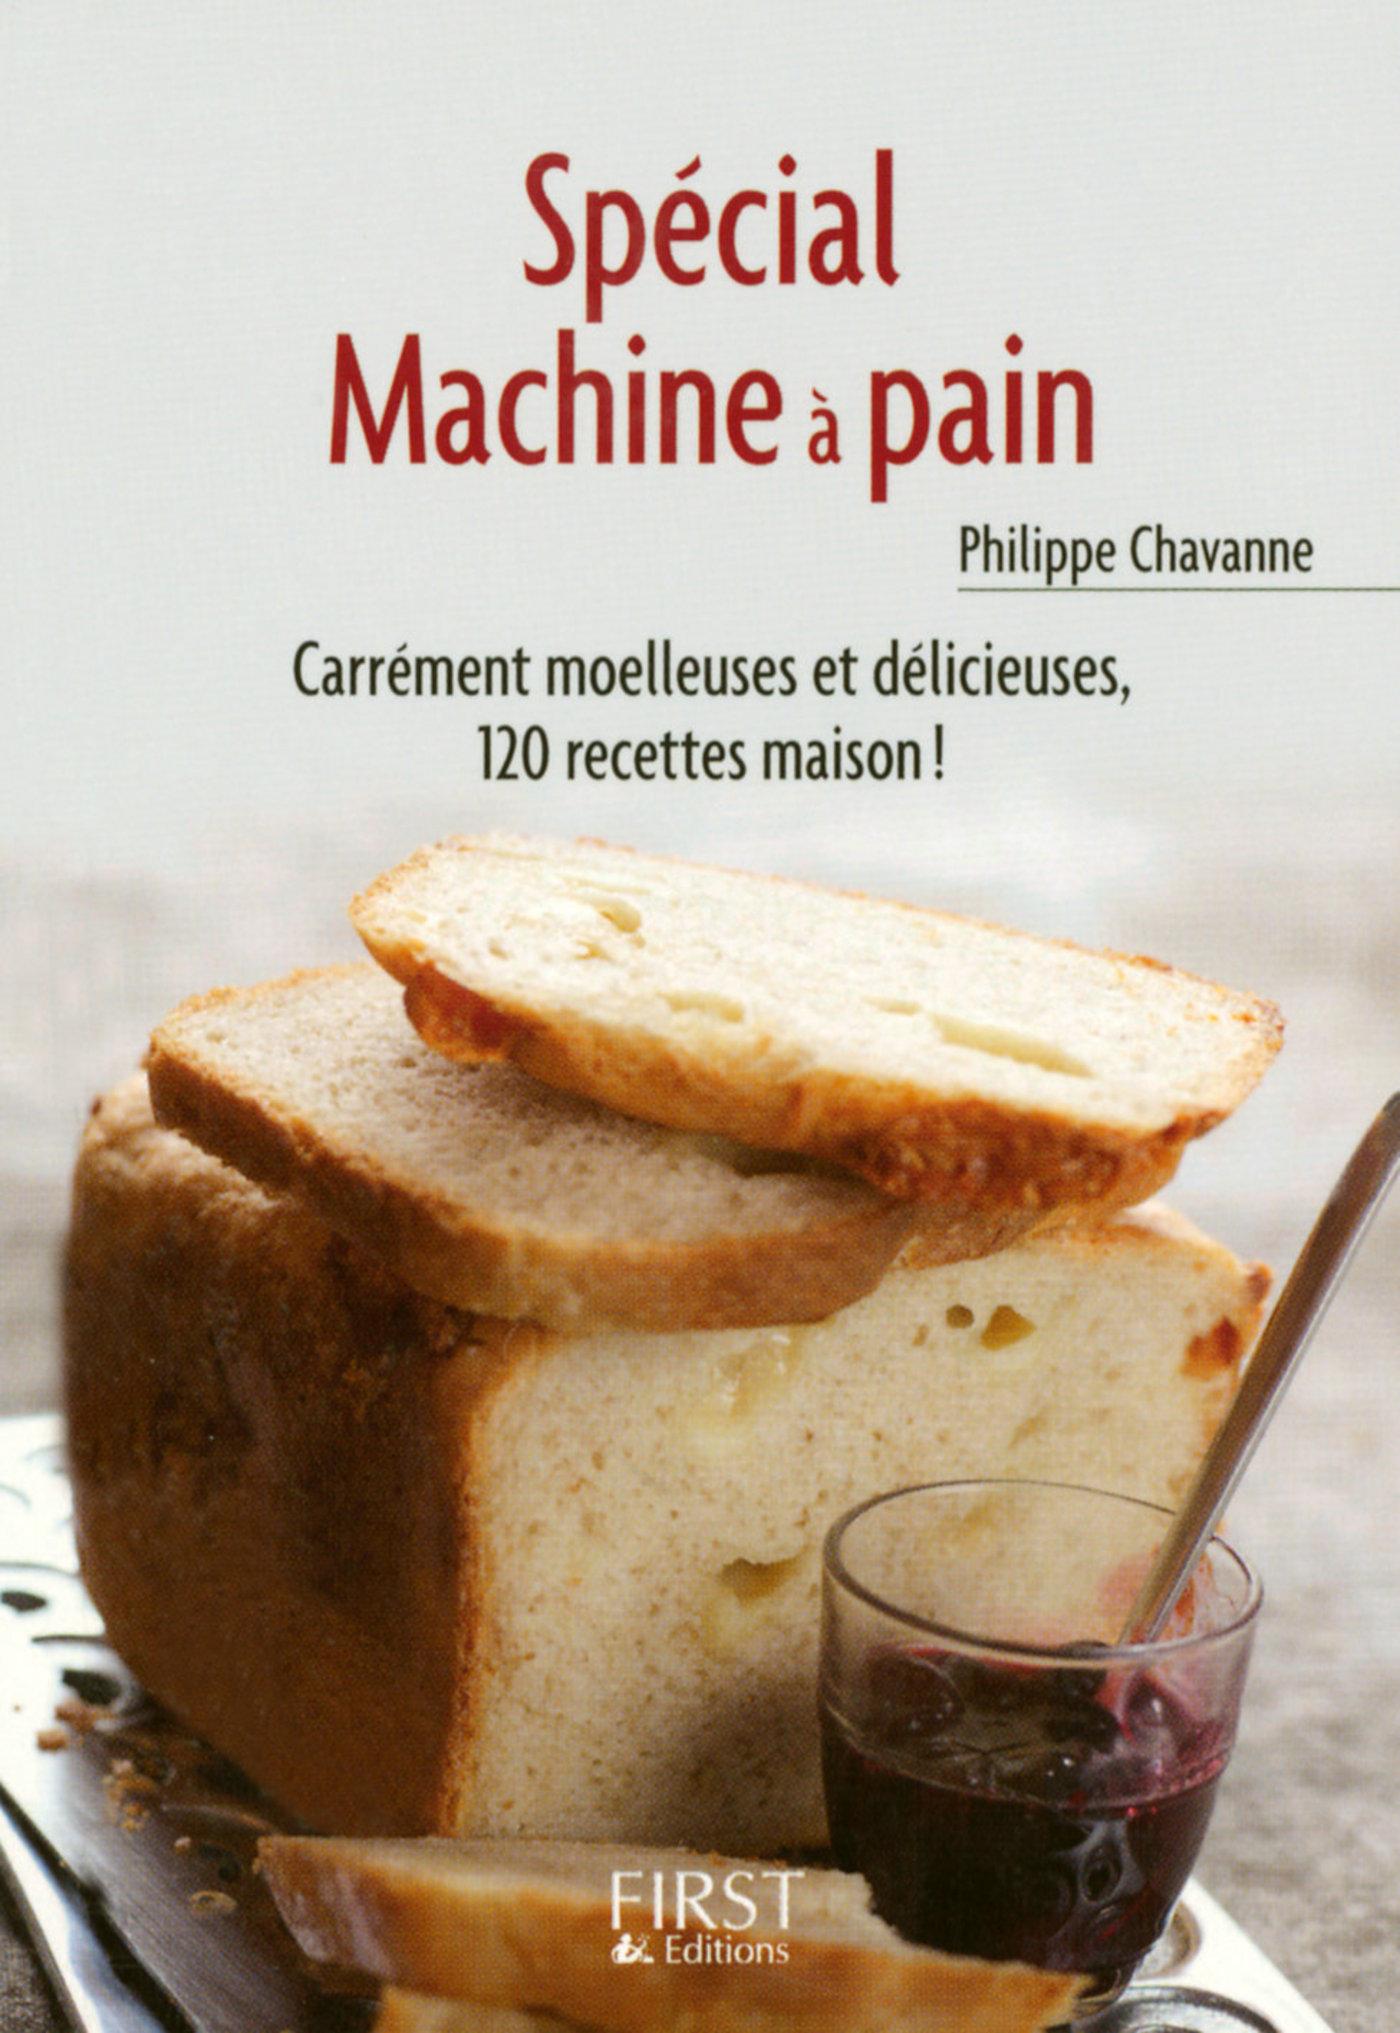 Vignette du livre Le Petit Livre de - Spécial machine à pain - Philippe Chavanne